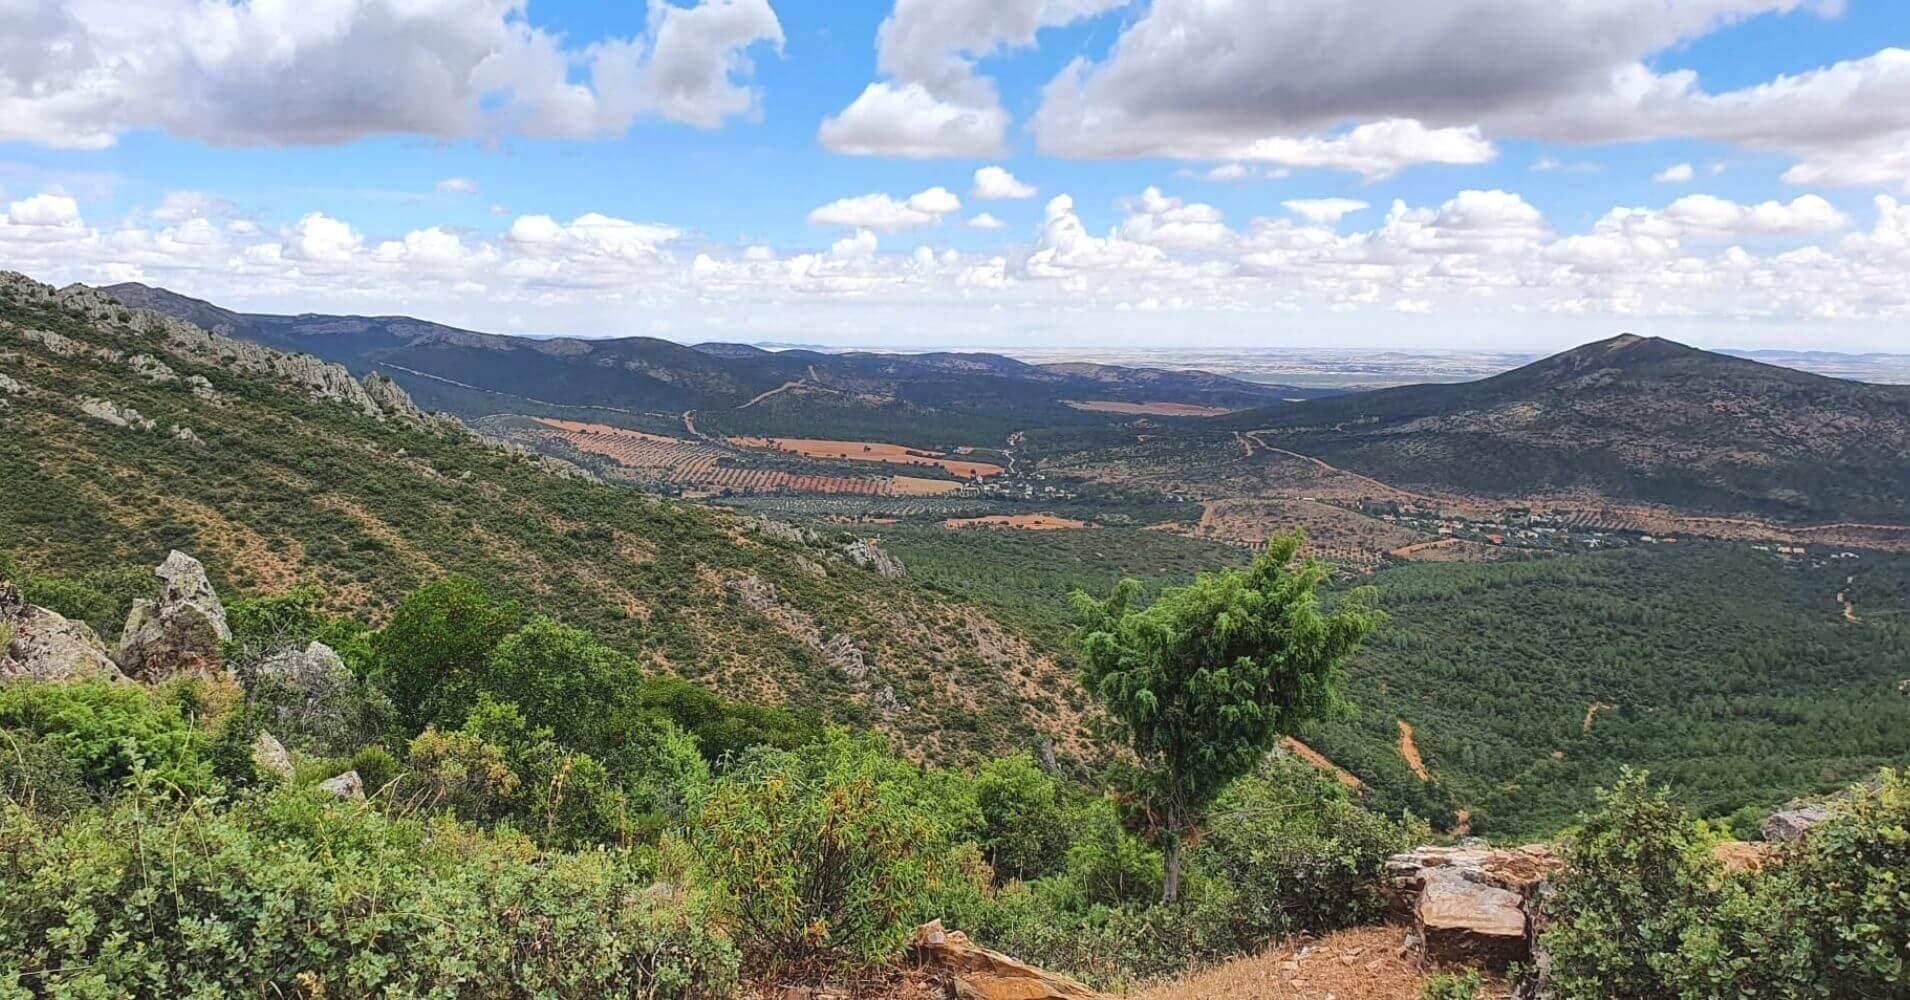 Panorámicas desde La Sierra Calderina y Pico Chupadero. Montes de Toledo. Madridejos, Castilla la Mancha.